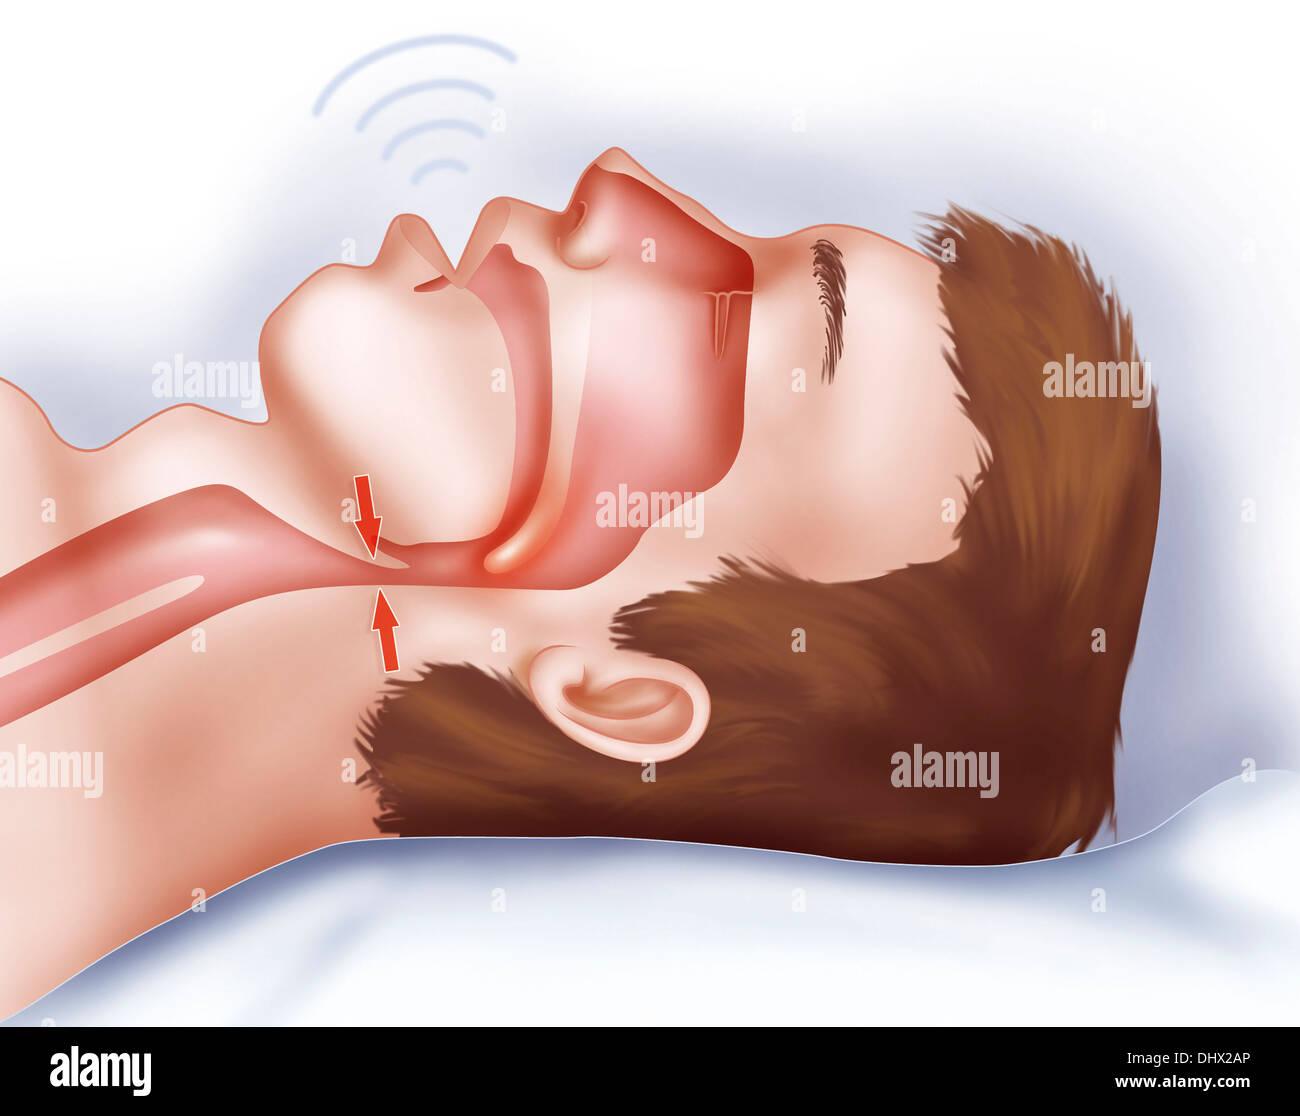 Sindrome da apnea nel sonno Immagini Stock